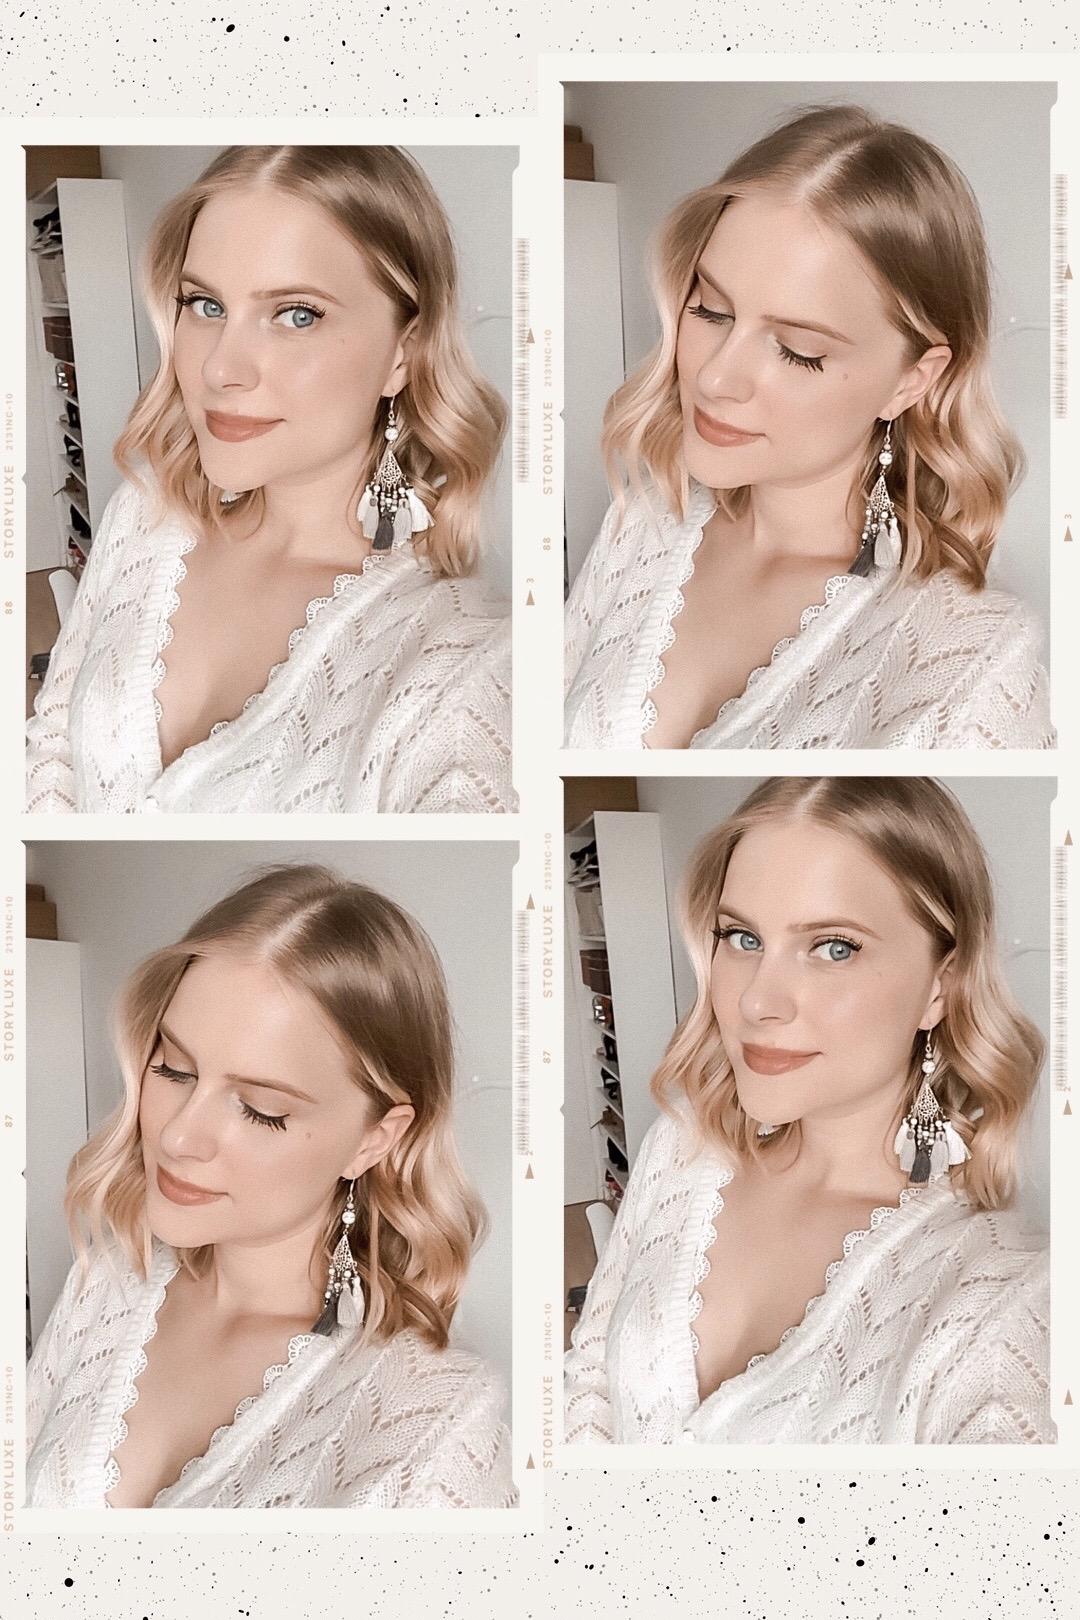 Comment je réalise mon wavy hair ? Découvrez mon secret dans mon tuto vidéo - Blog Mangue Poudrée - Blog Mode et lifestyle à Reims